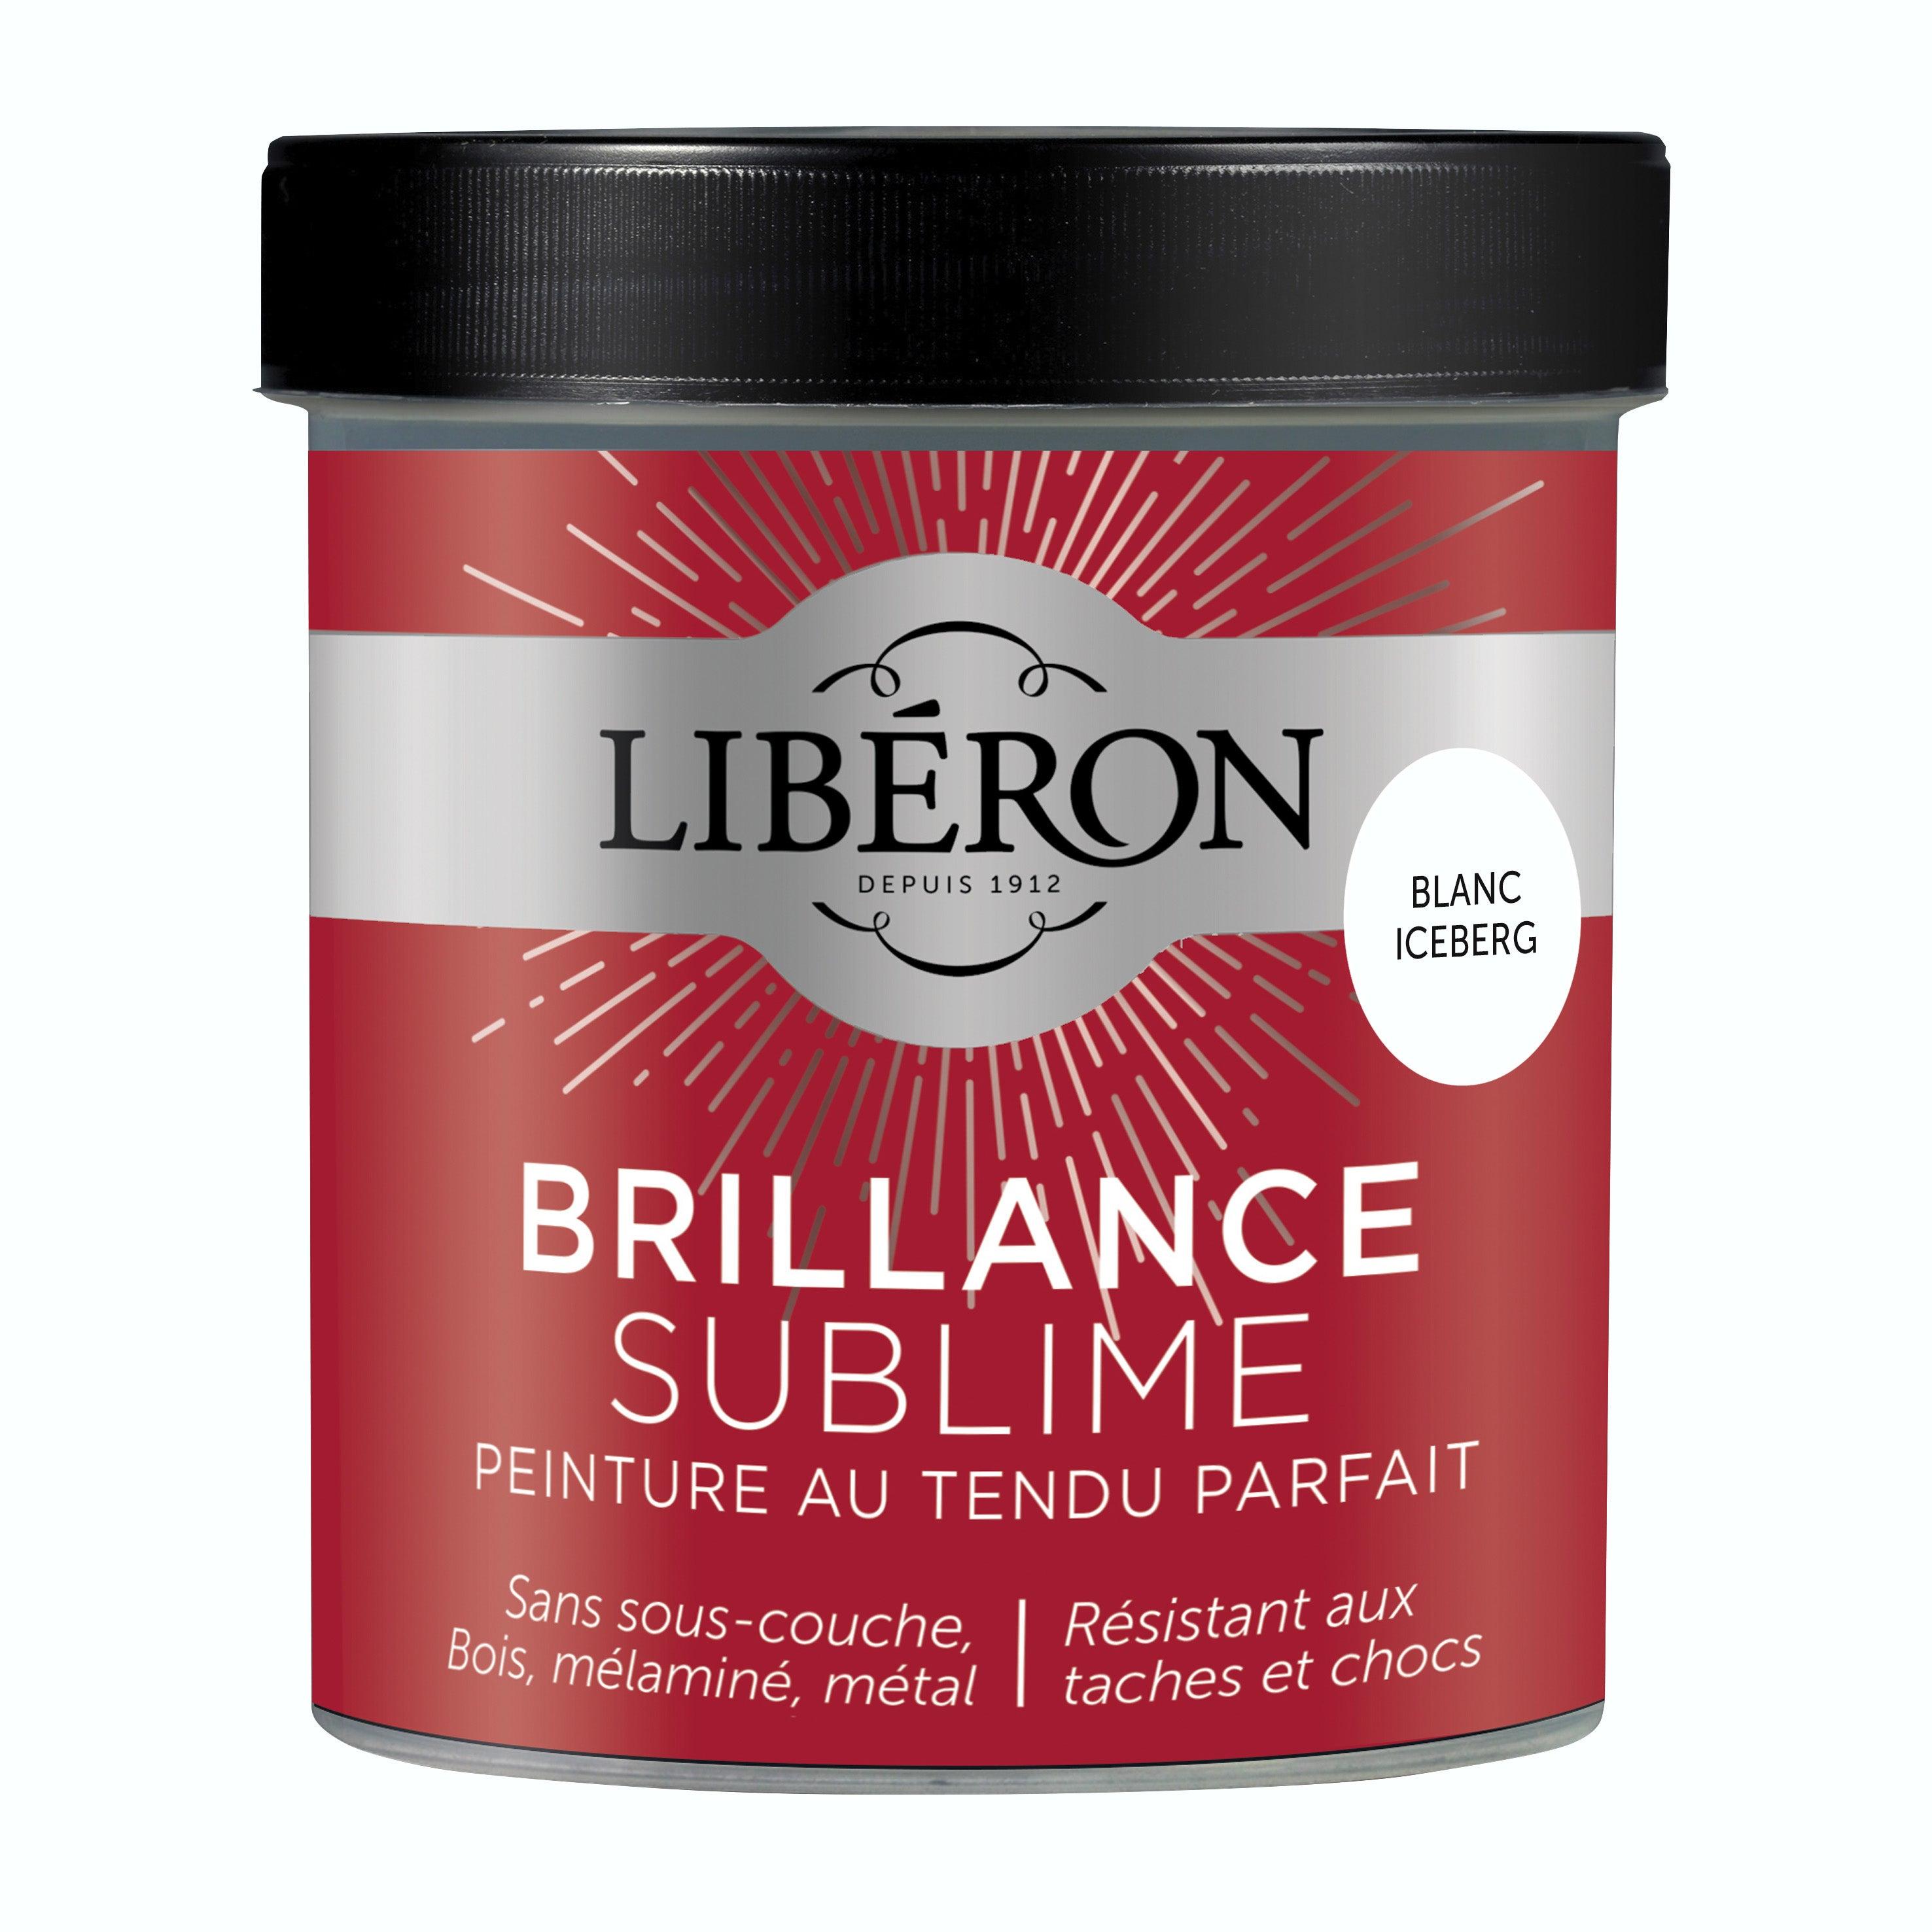 Peinture Meuble Et Boiserie Brillance Sublime Liberon Blanc Iceberg Laque 0 5 L Leroy Merlin